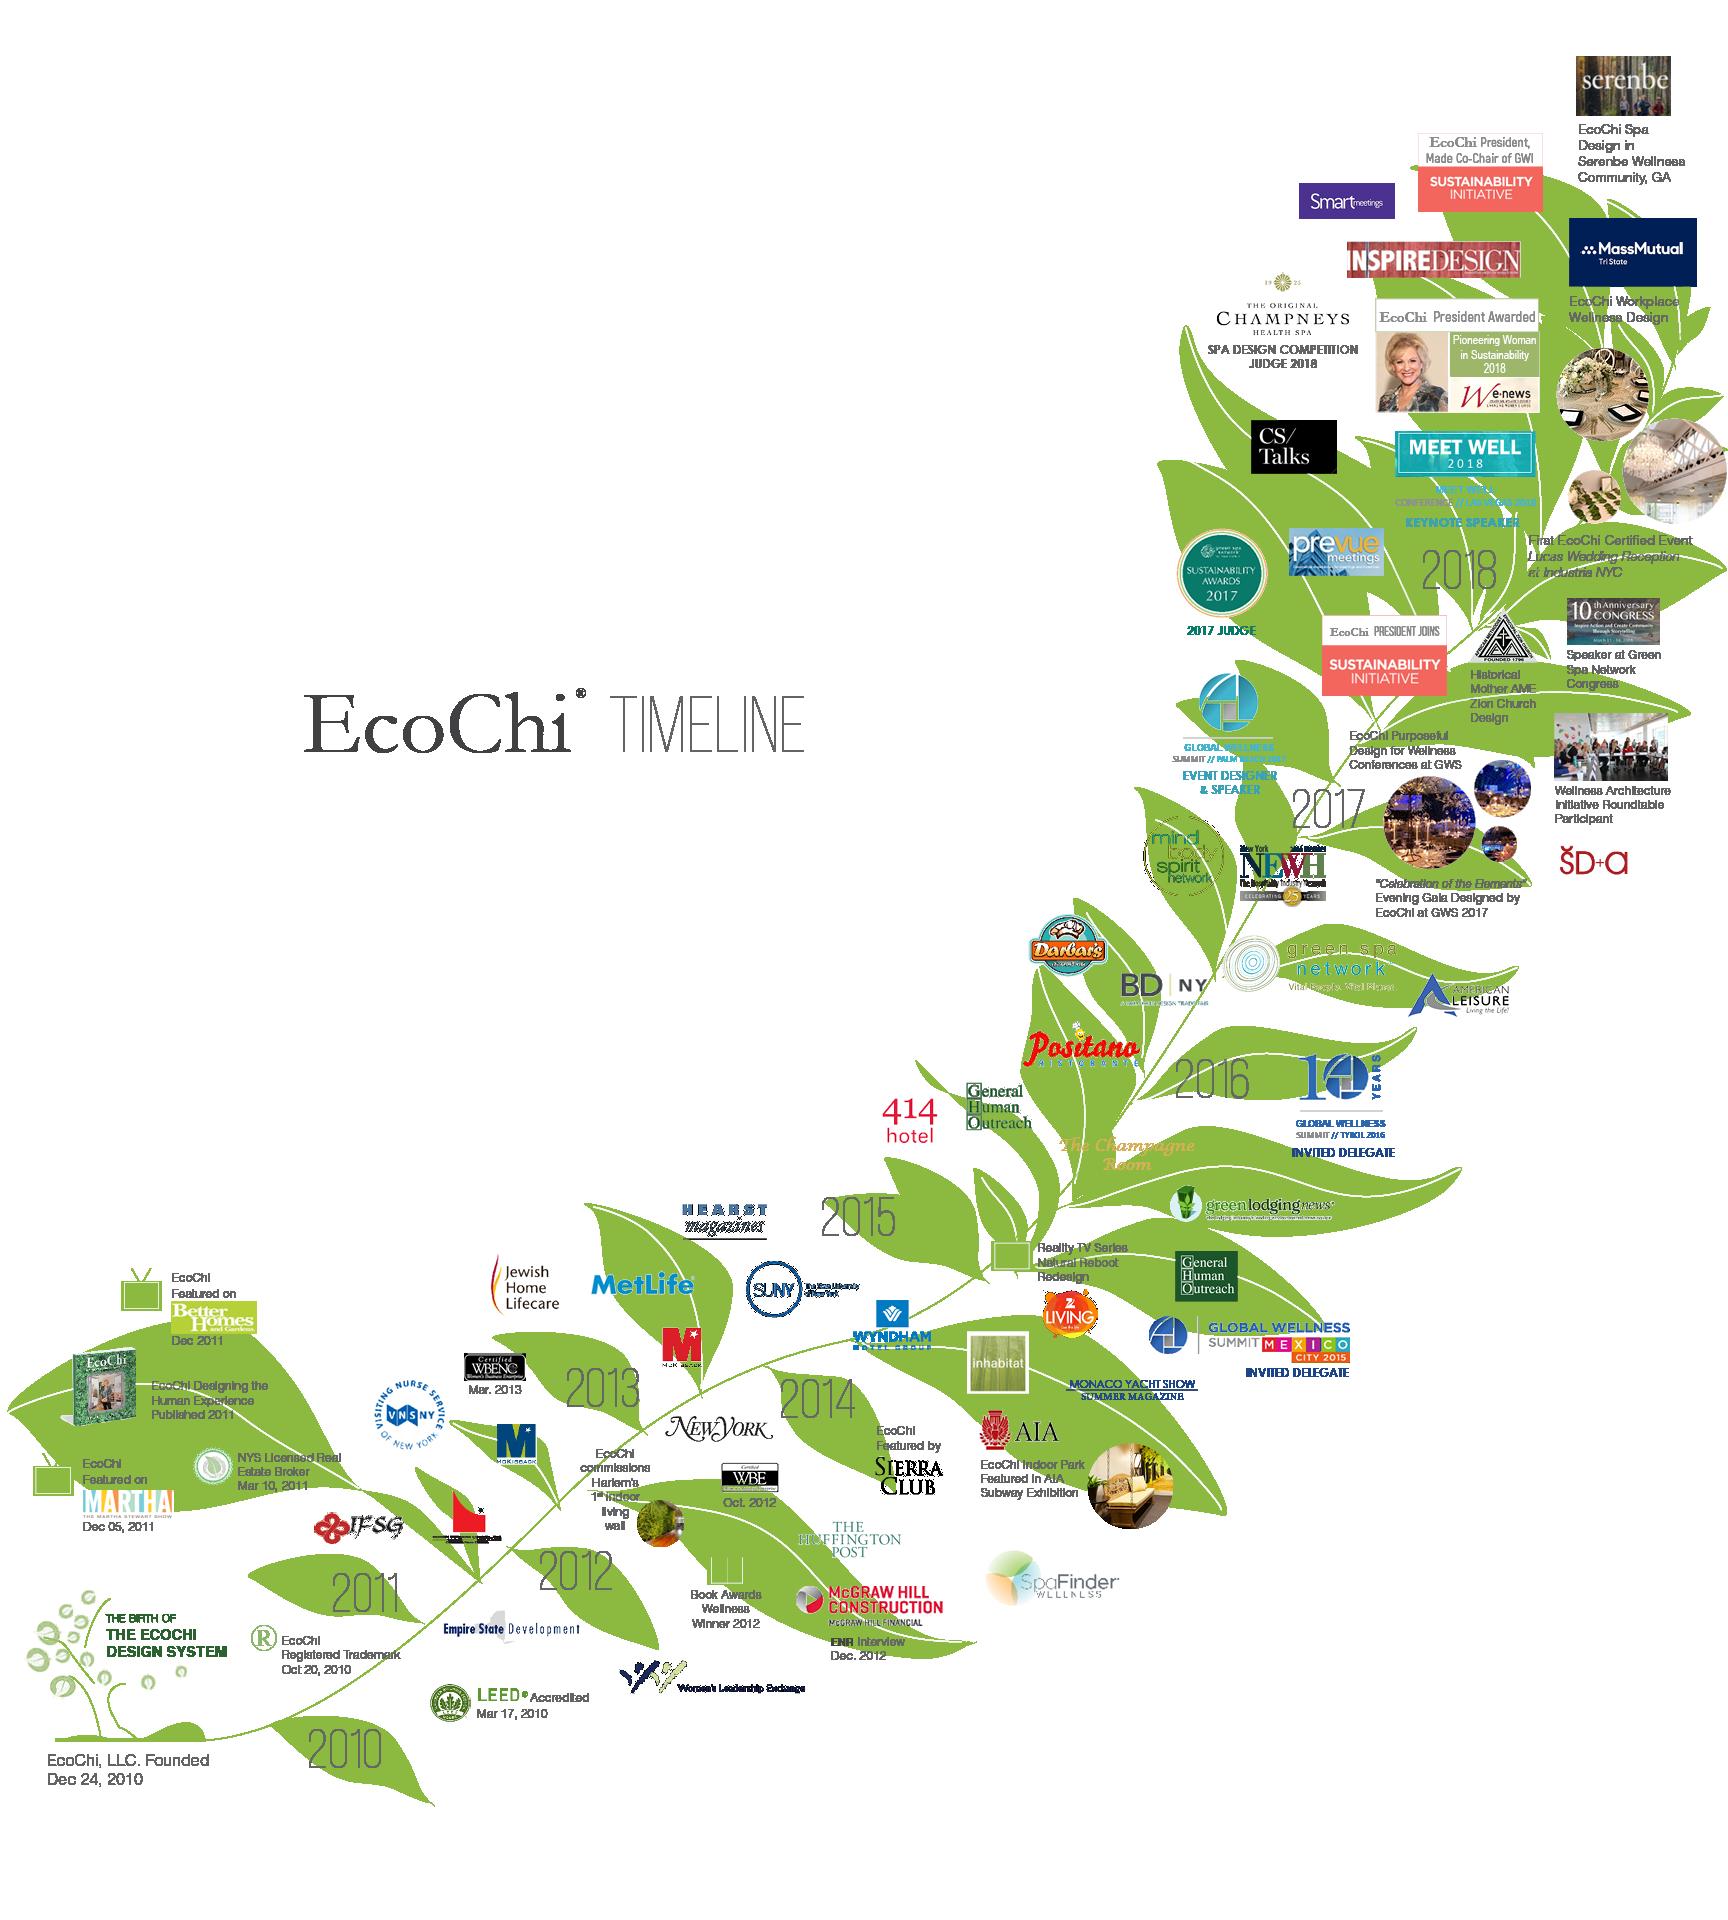 EcoChi Timeline 2018_4.png